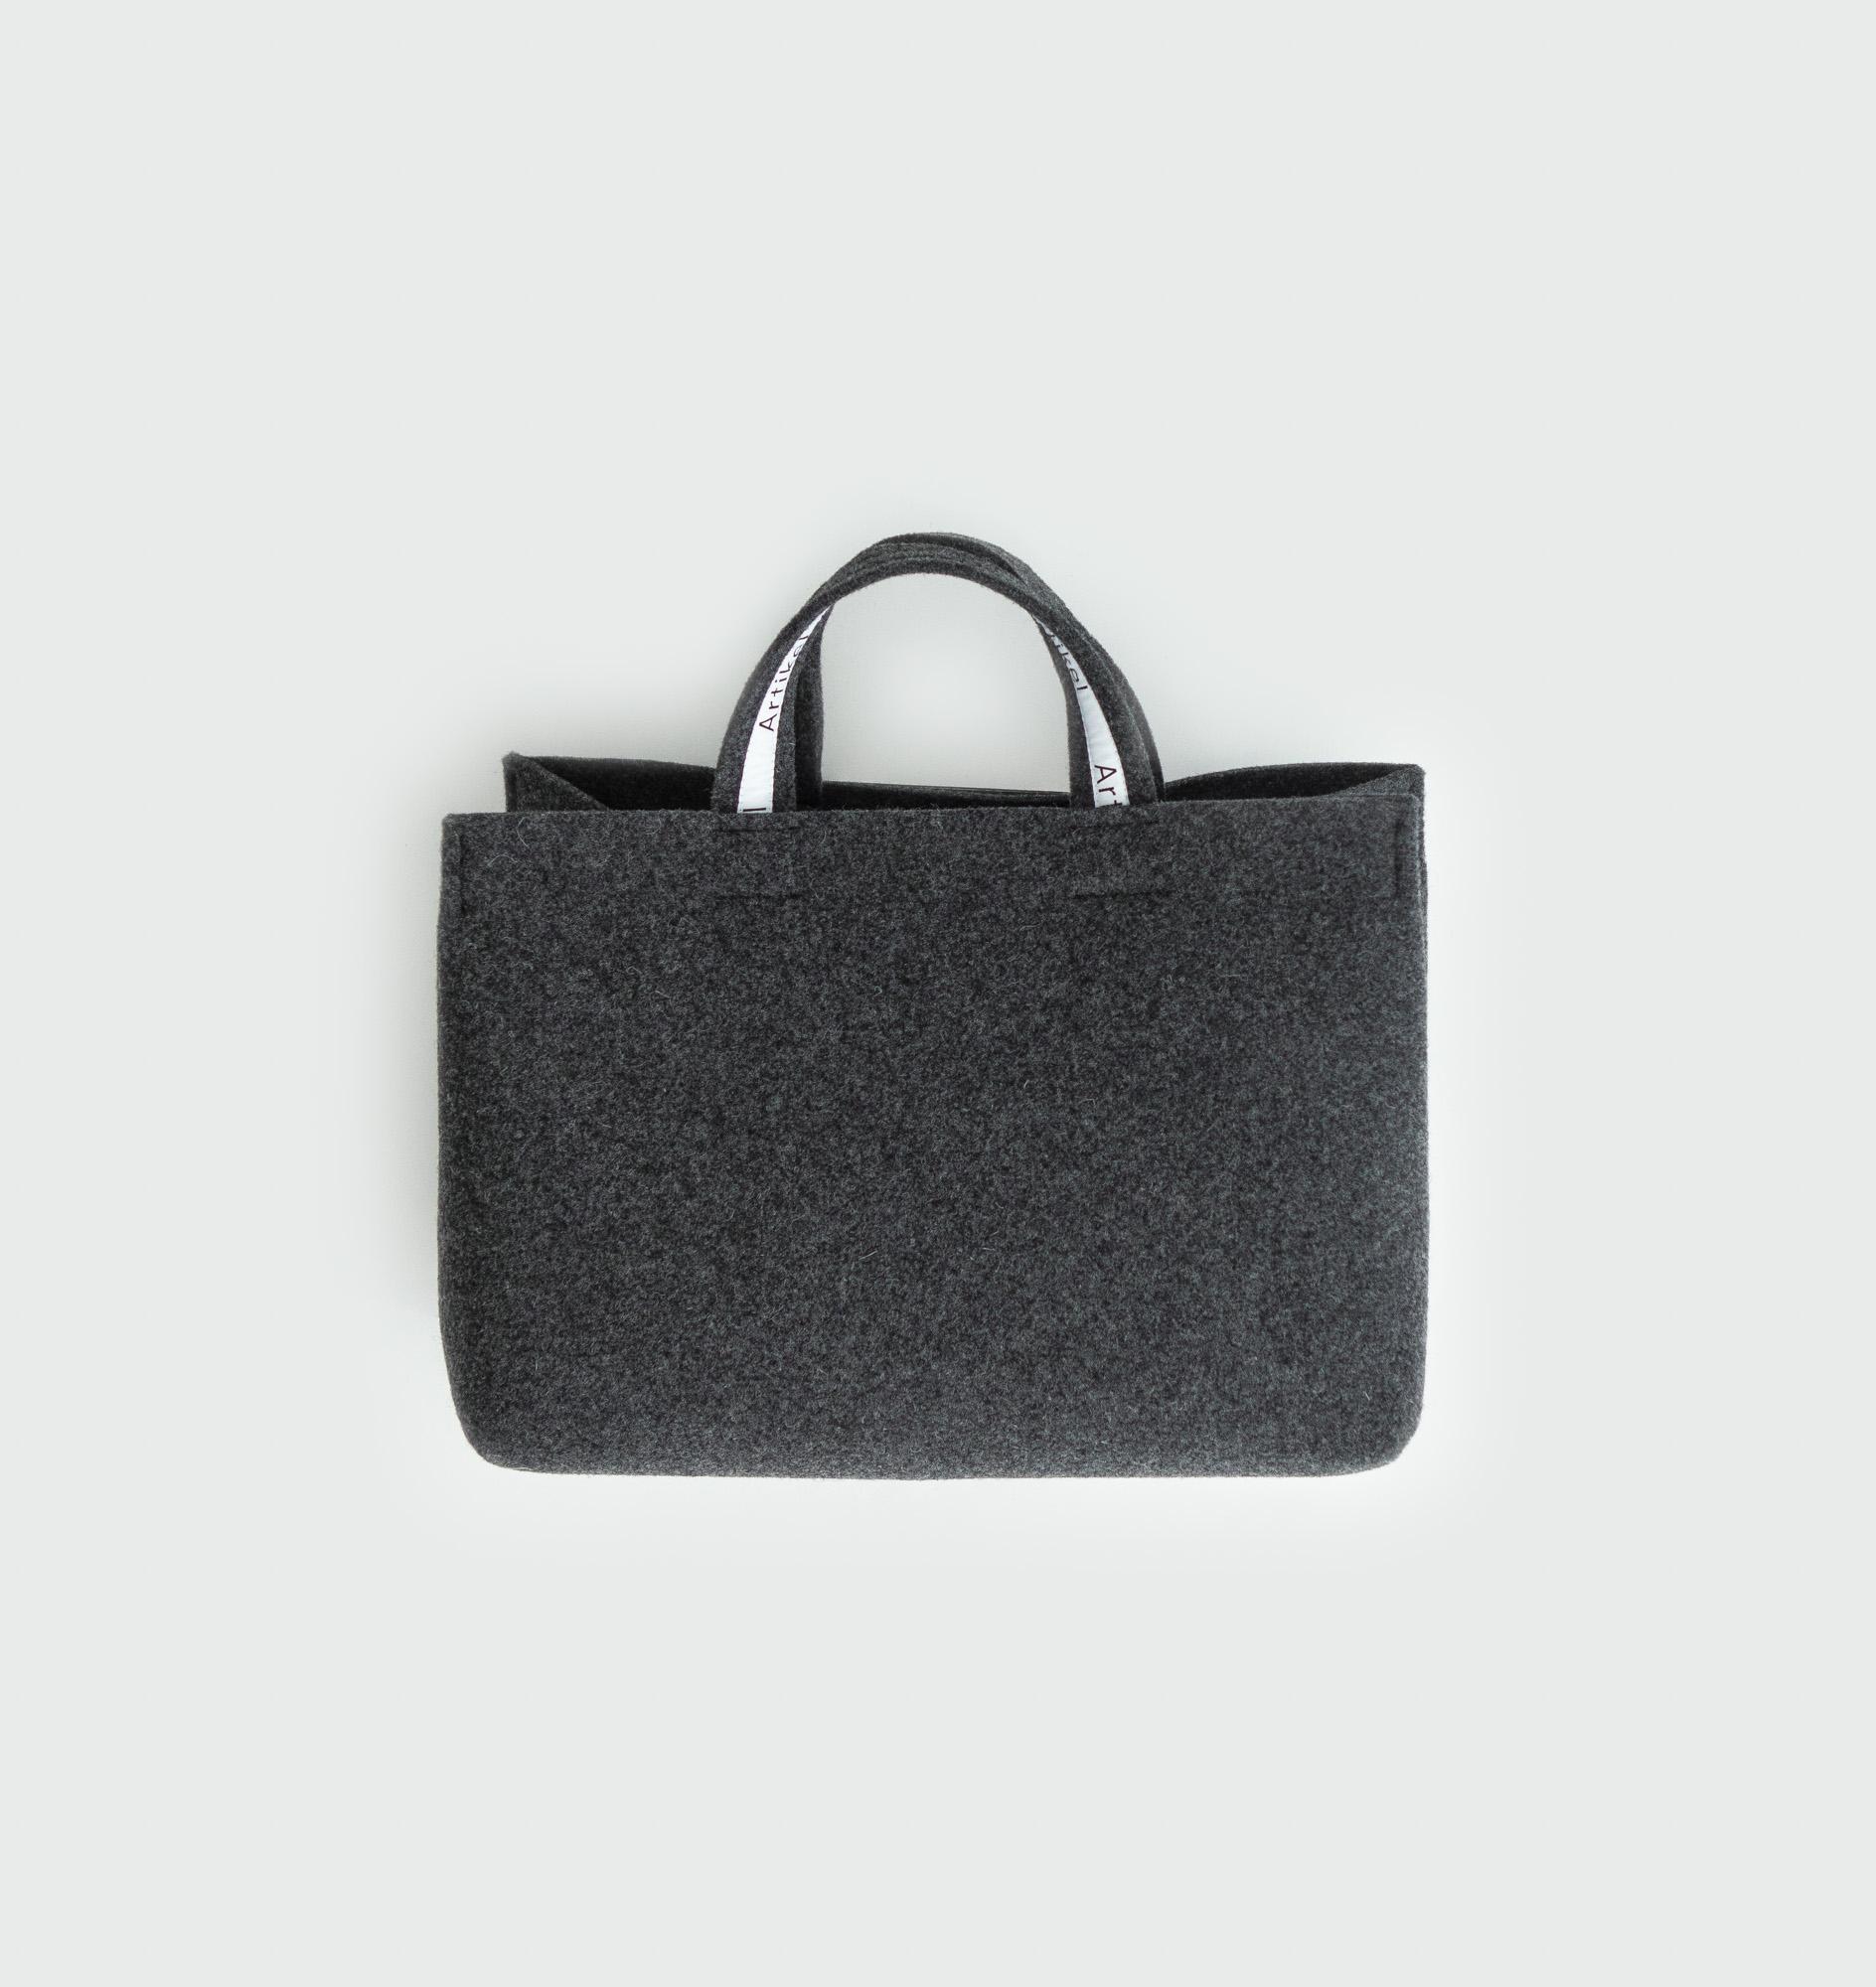 Felt wool bag by Artikel København, produced in Copenhagen